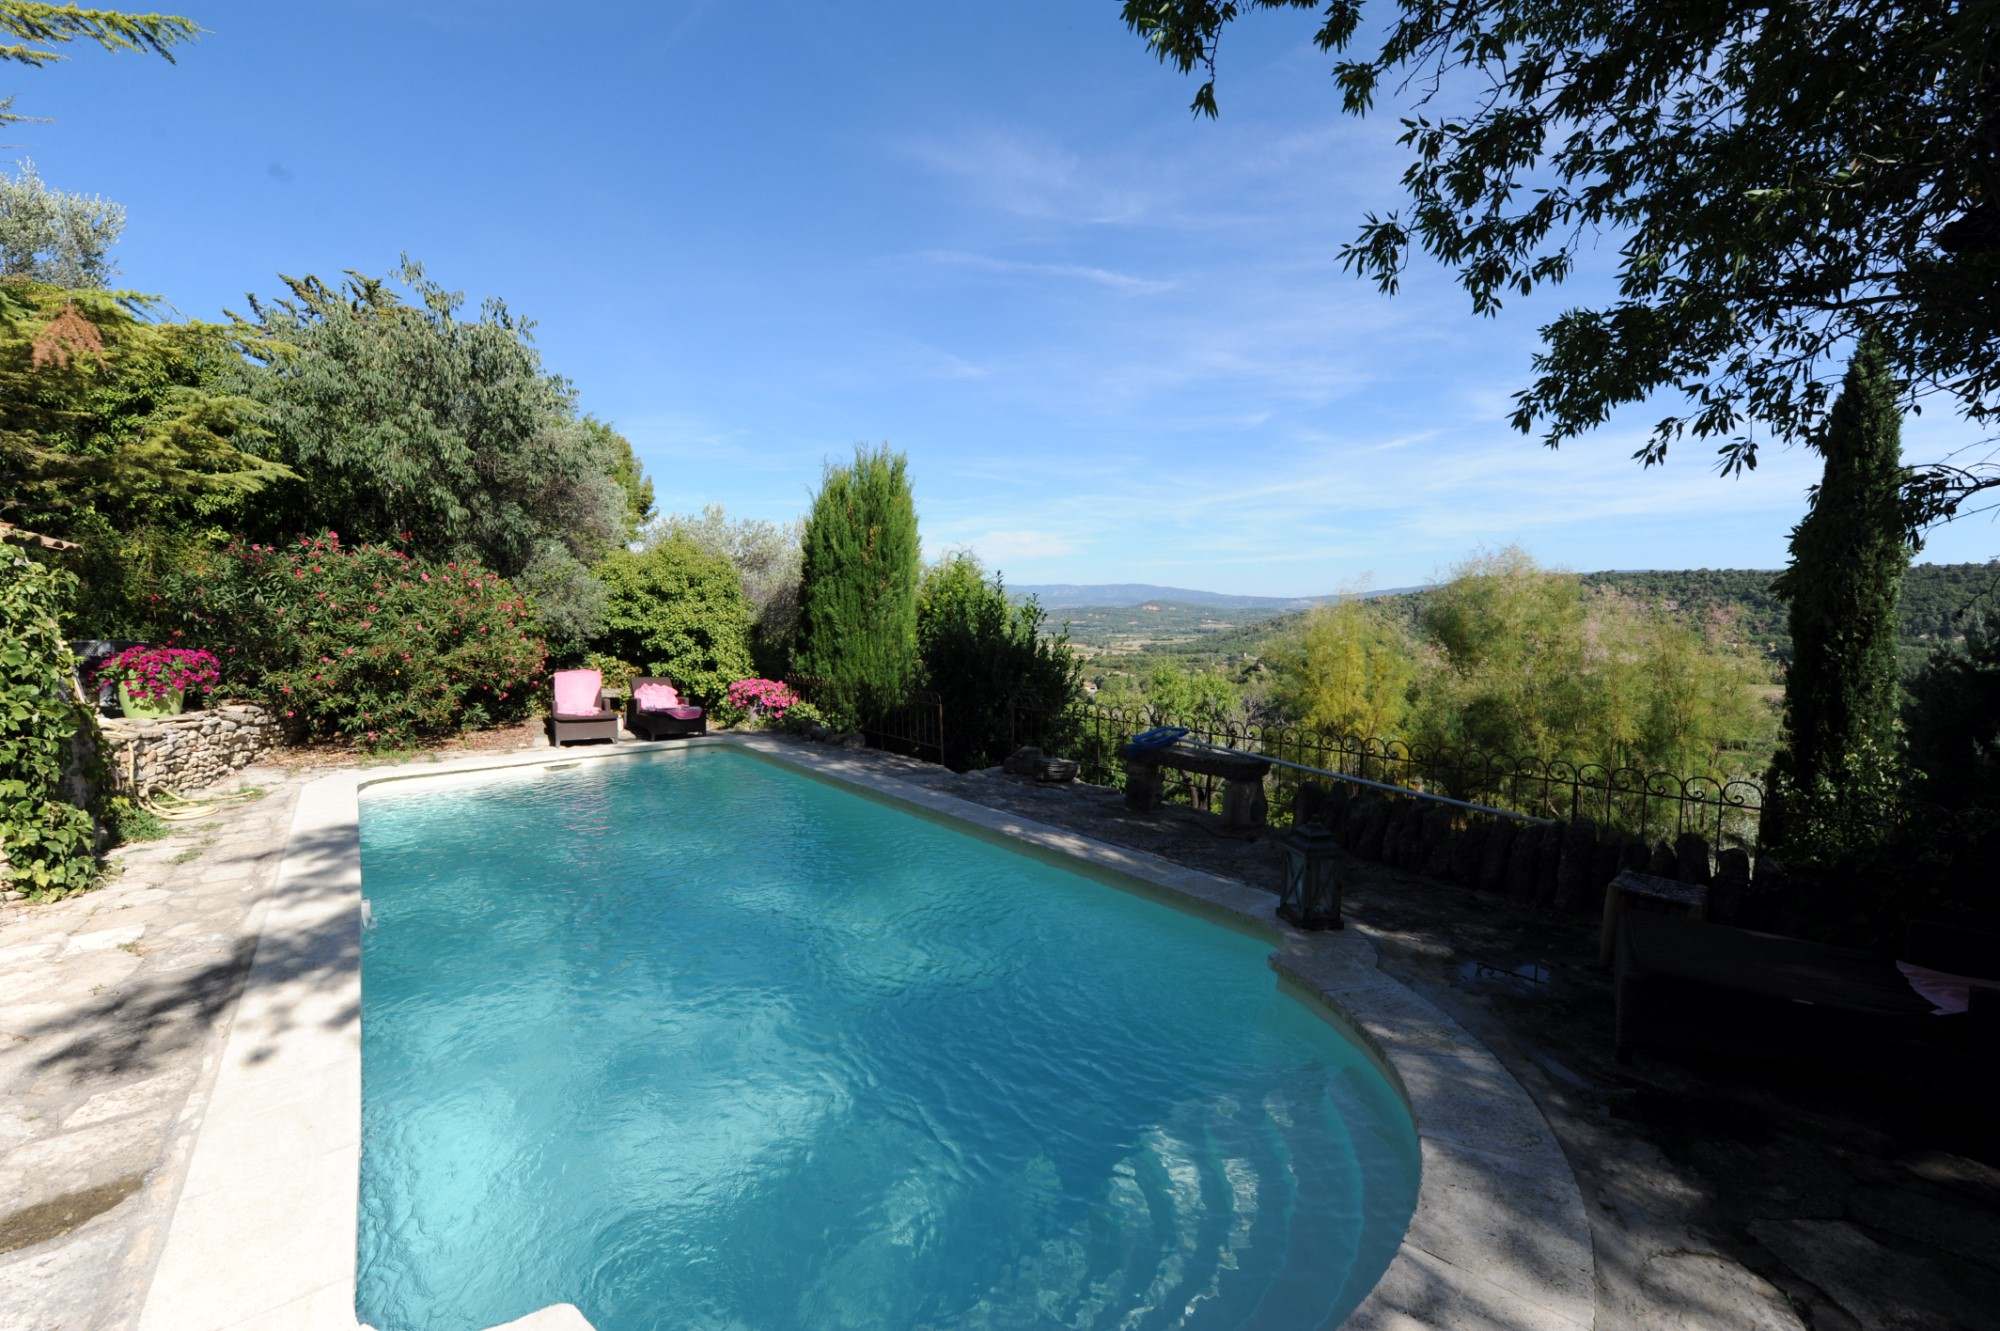 Maison avec vue et piscine à vendre par ROSIER